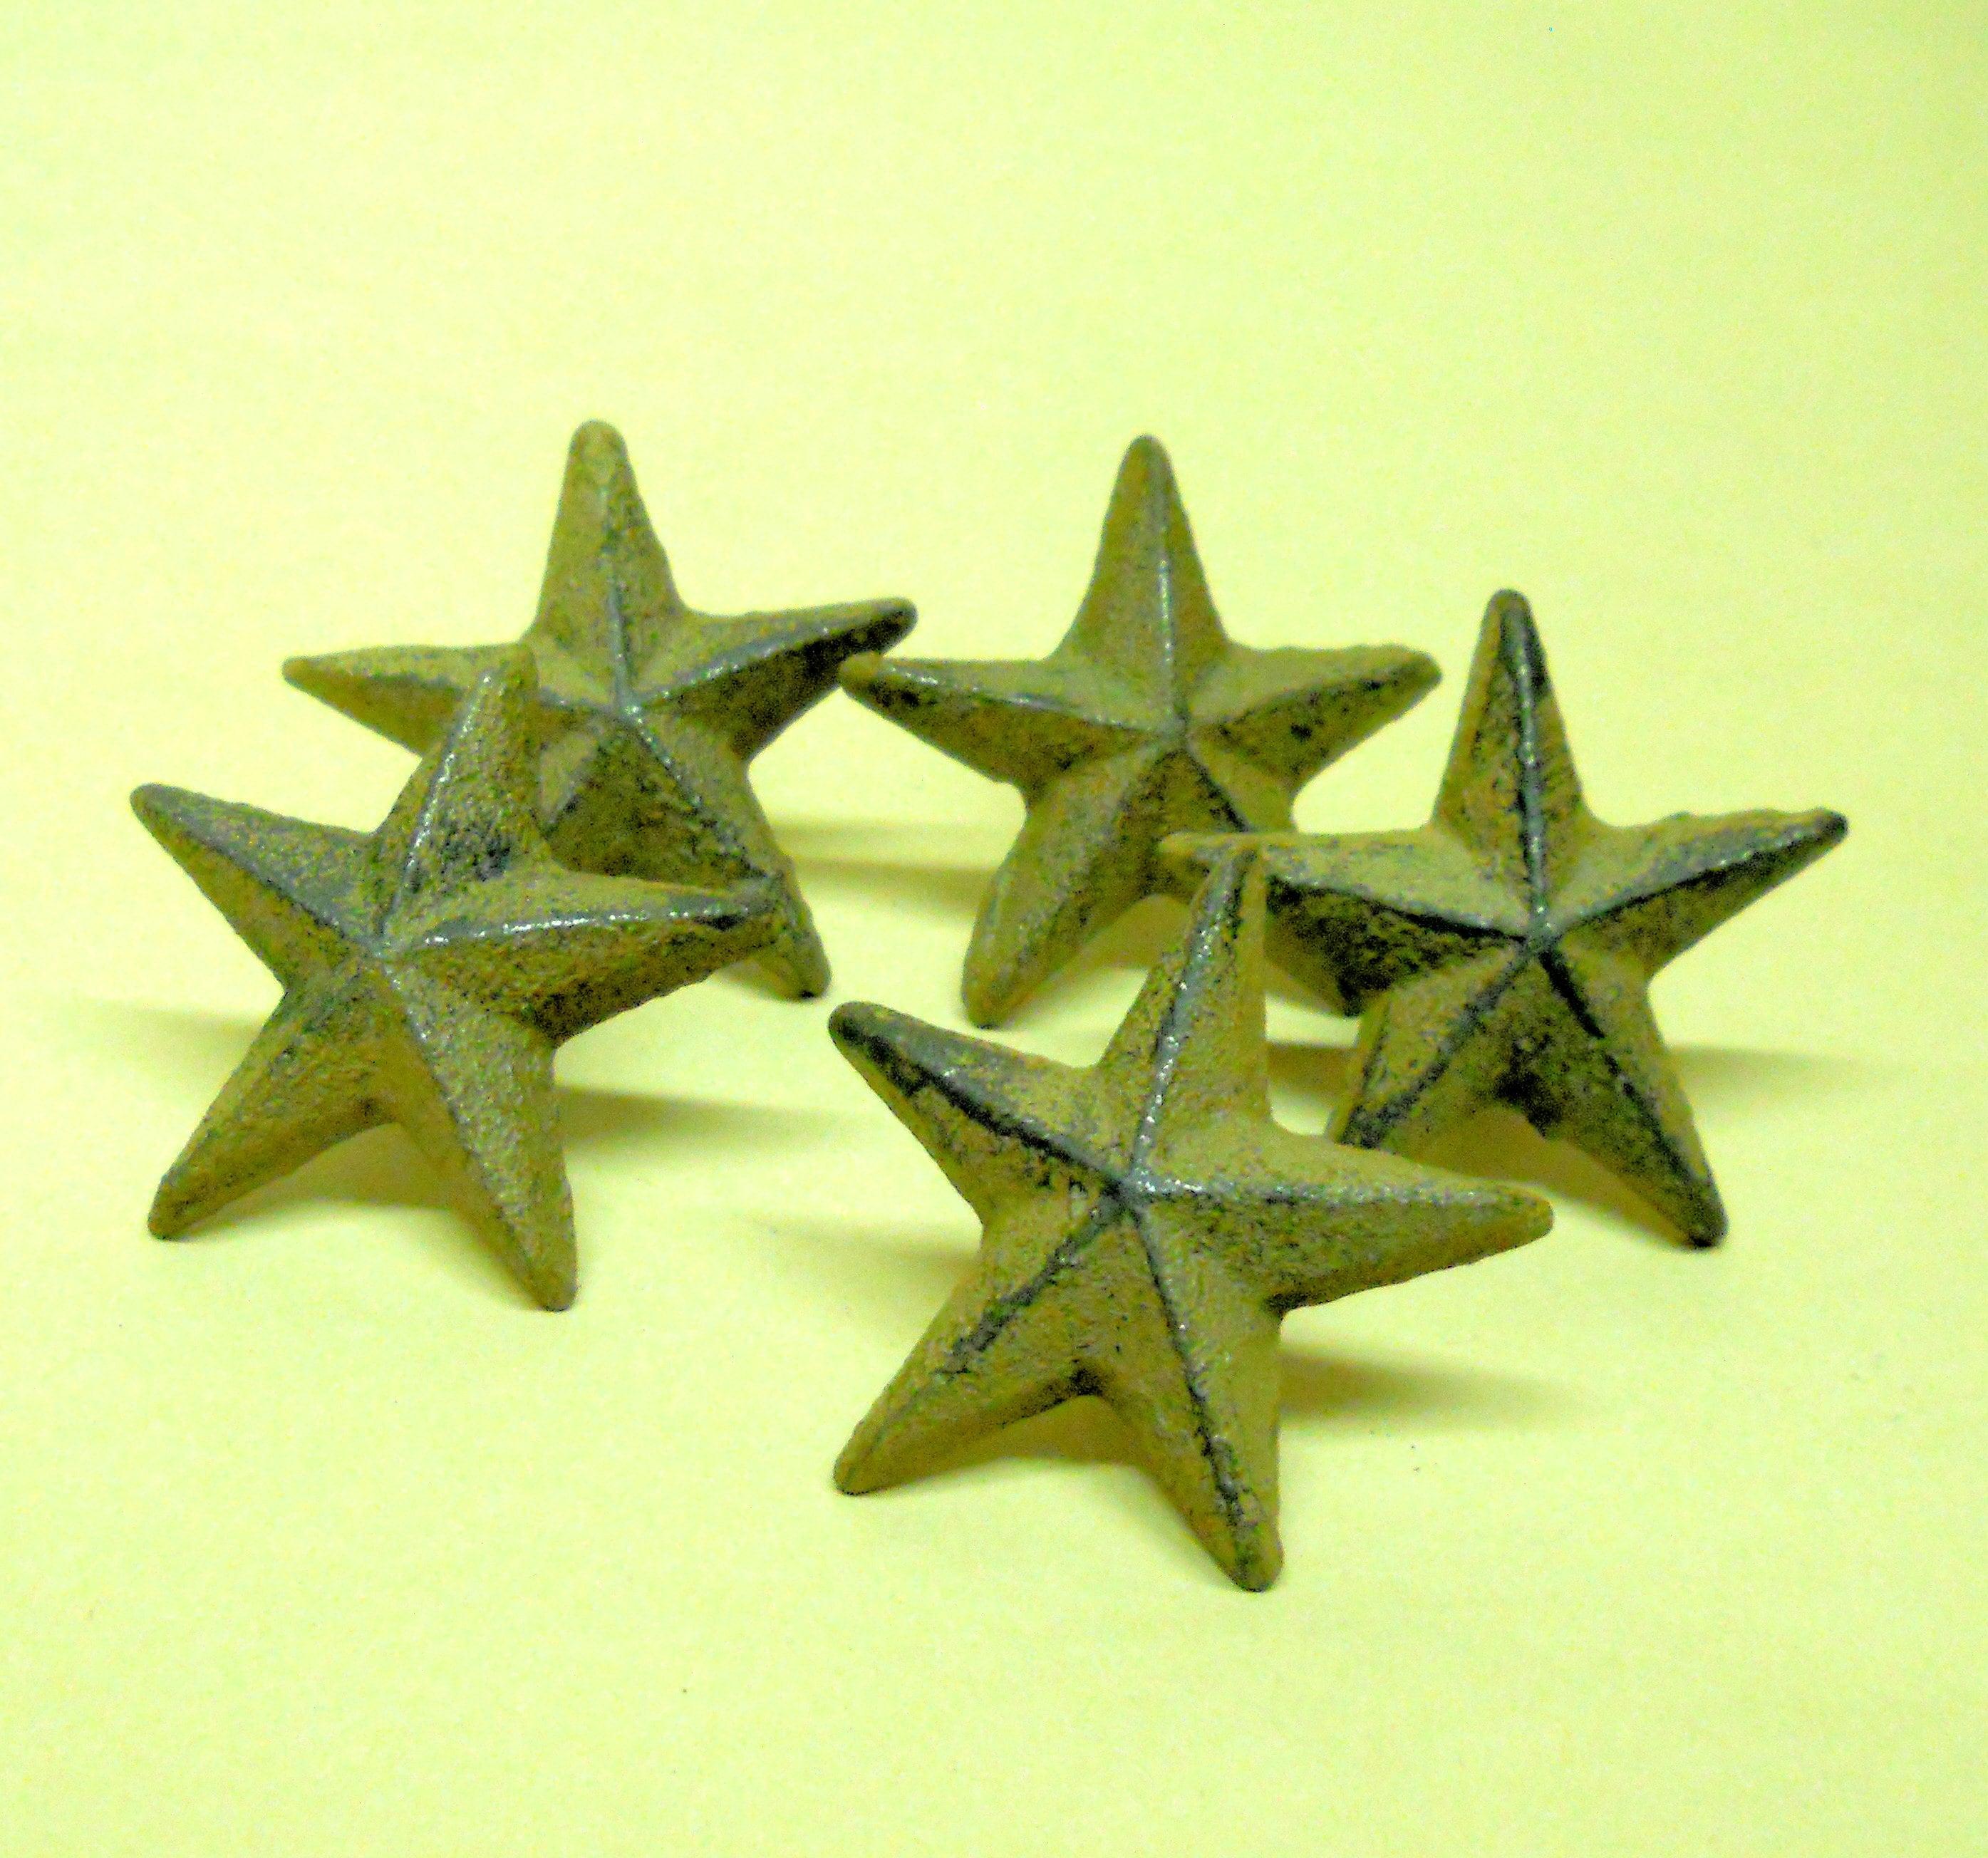 40 pc por mayor Set de uñas de hierro fundido de estrellas